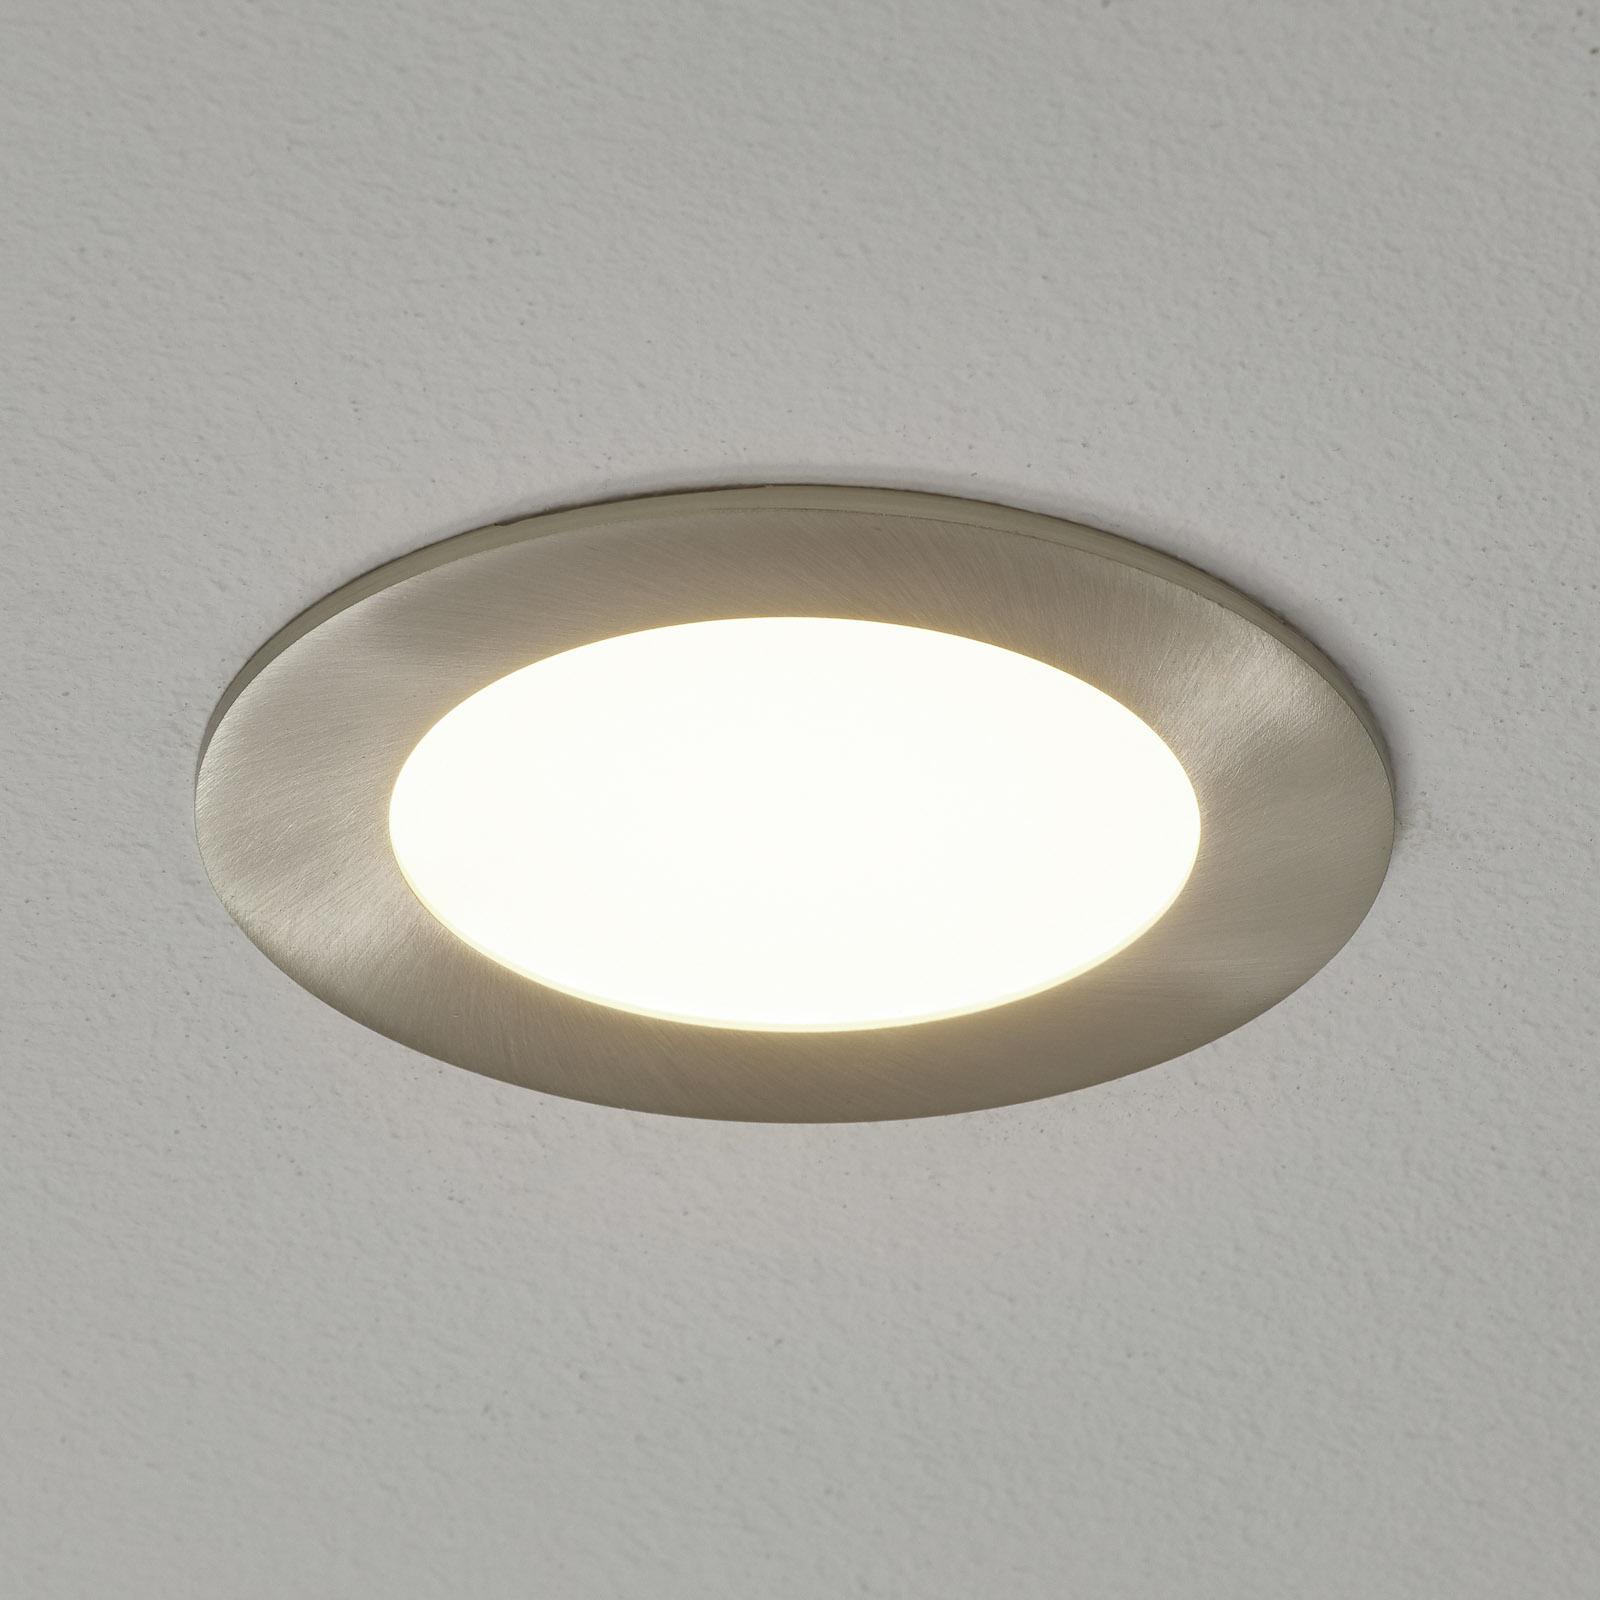 EGLO connect Fueva-C LED-Einbauleuchte nickel 12cm